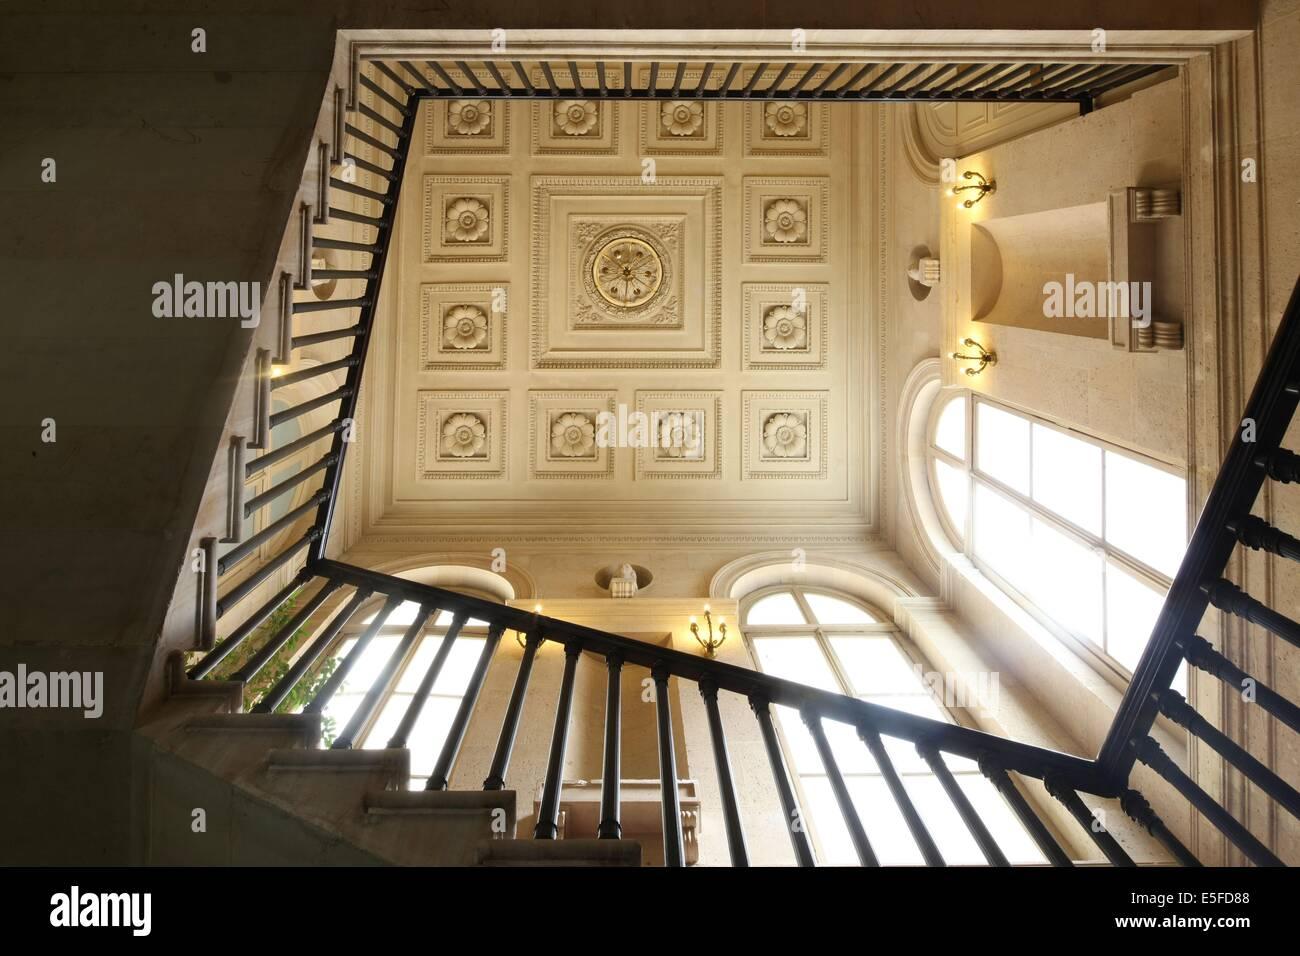 France, ile de france, paris 9e, 9 rue drouot, mairie du 9e arrondissement, hotel d'augny, grand escalier, detai - Stock Image